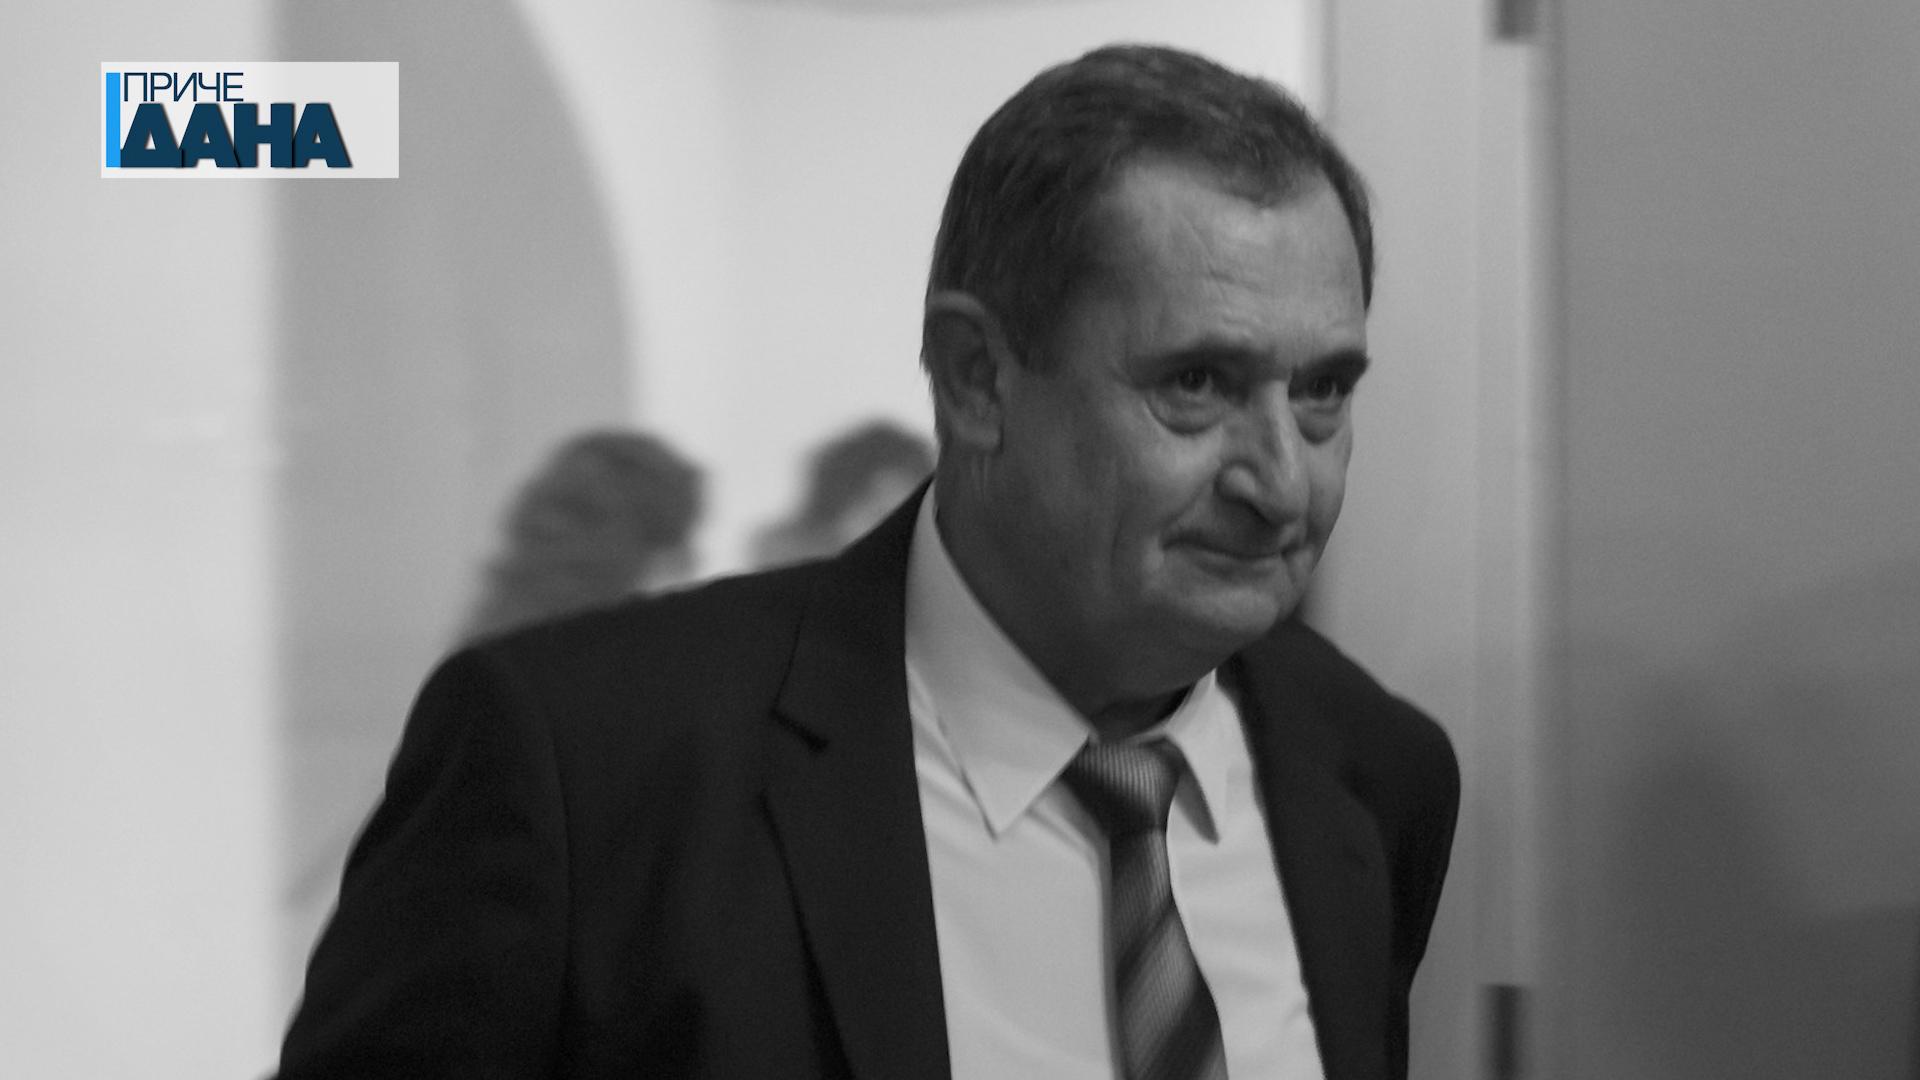 Sećanje na Miodraga Radunovića – direktora RTV Kanal M do 2019. godine